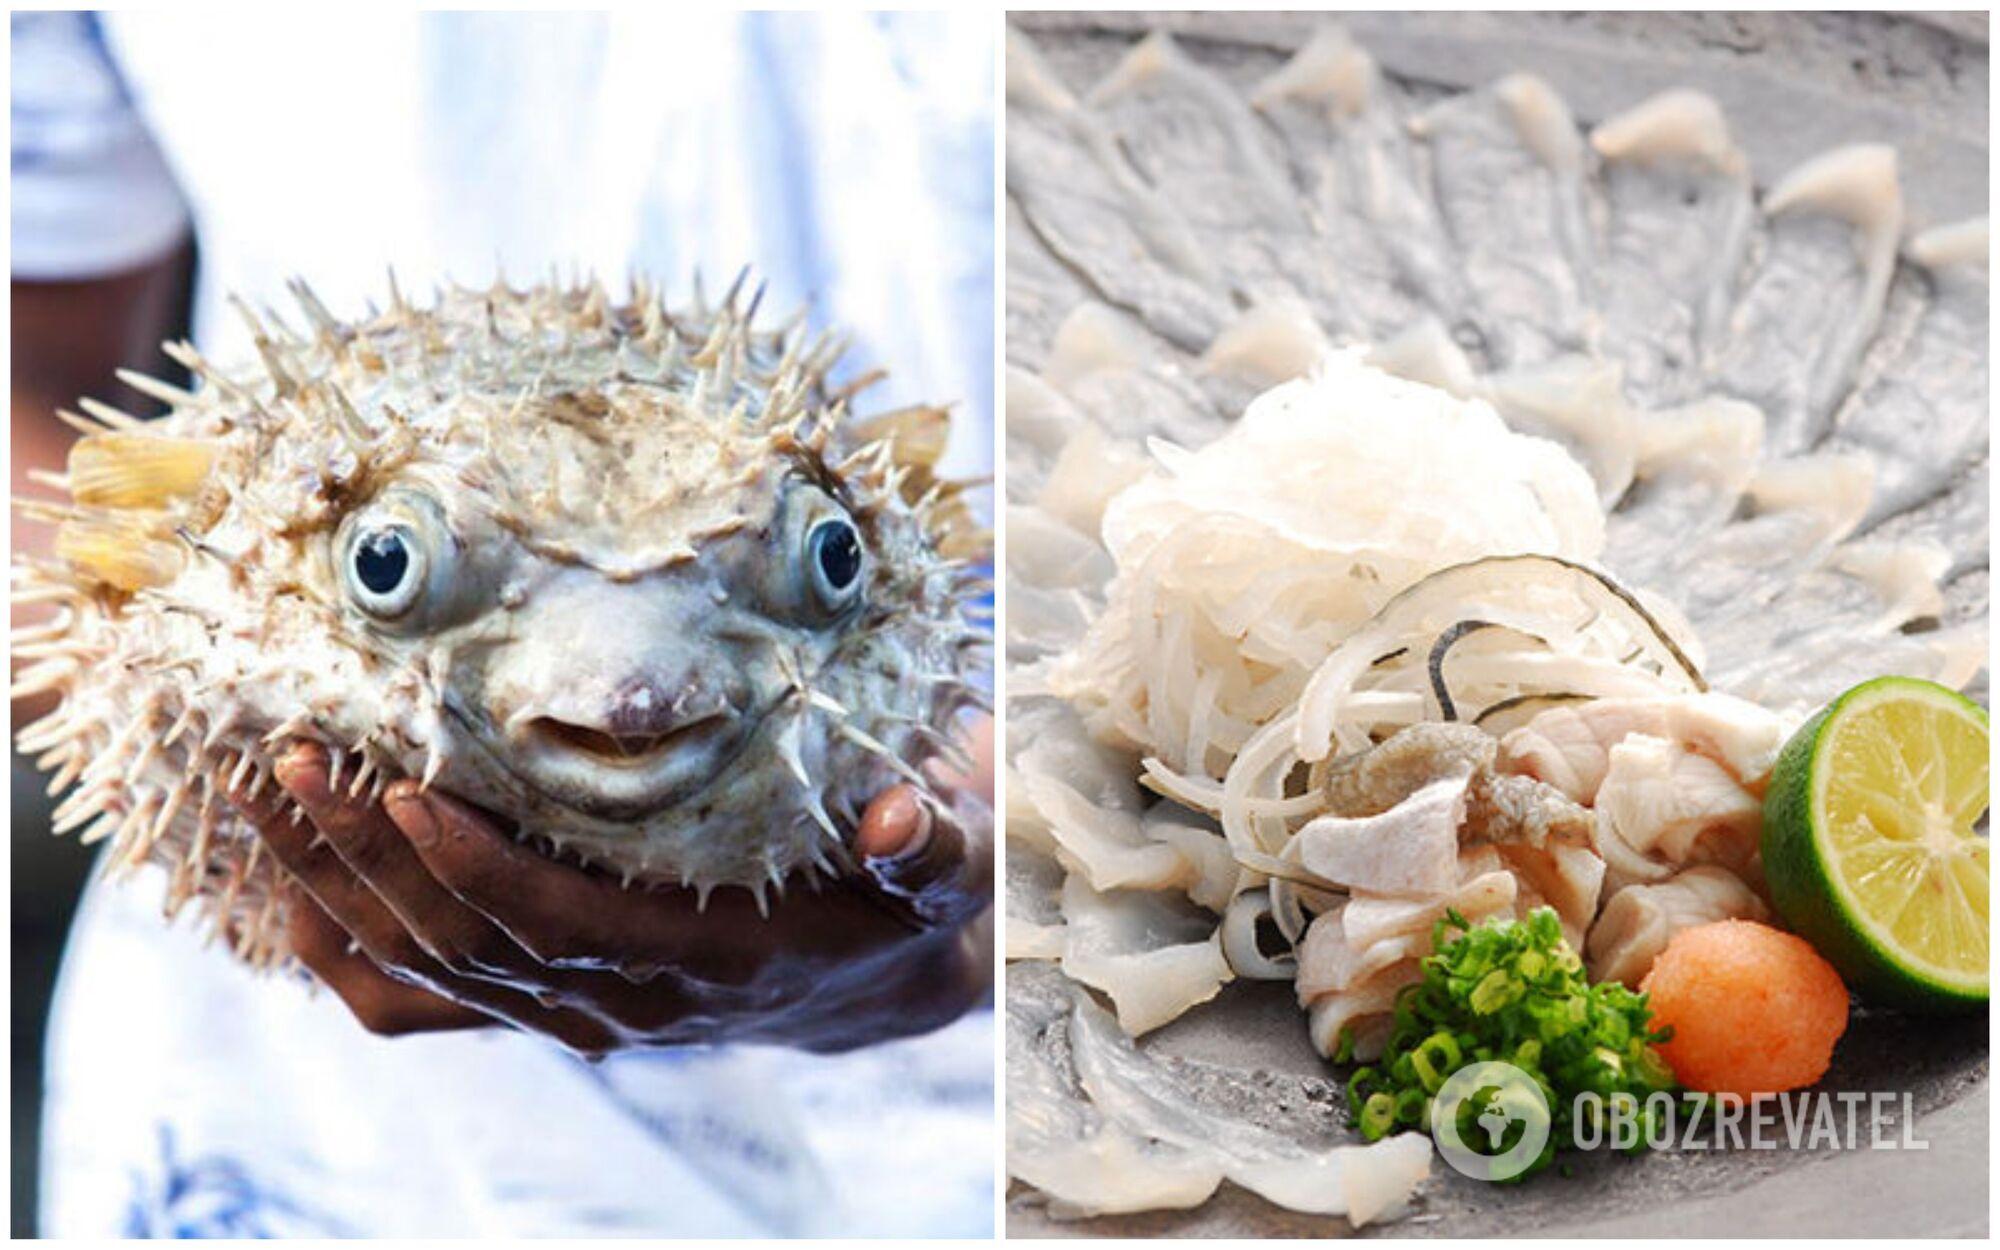 Поряд із тим, як з'їдається риба фугу, у людини відмовляють кінцівки та щелепи